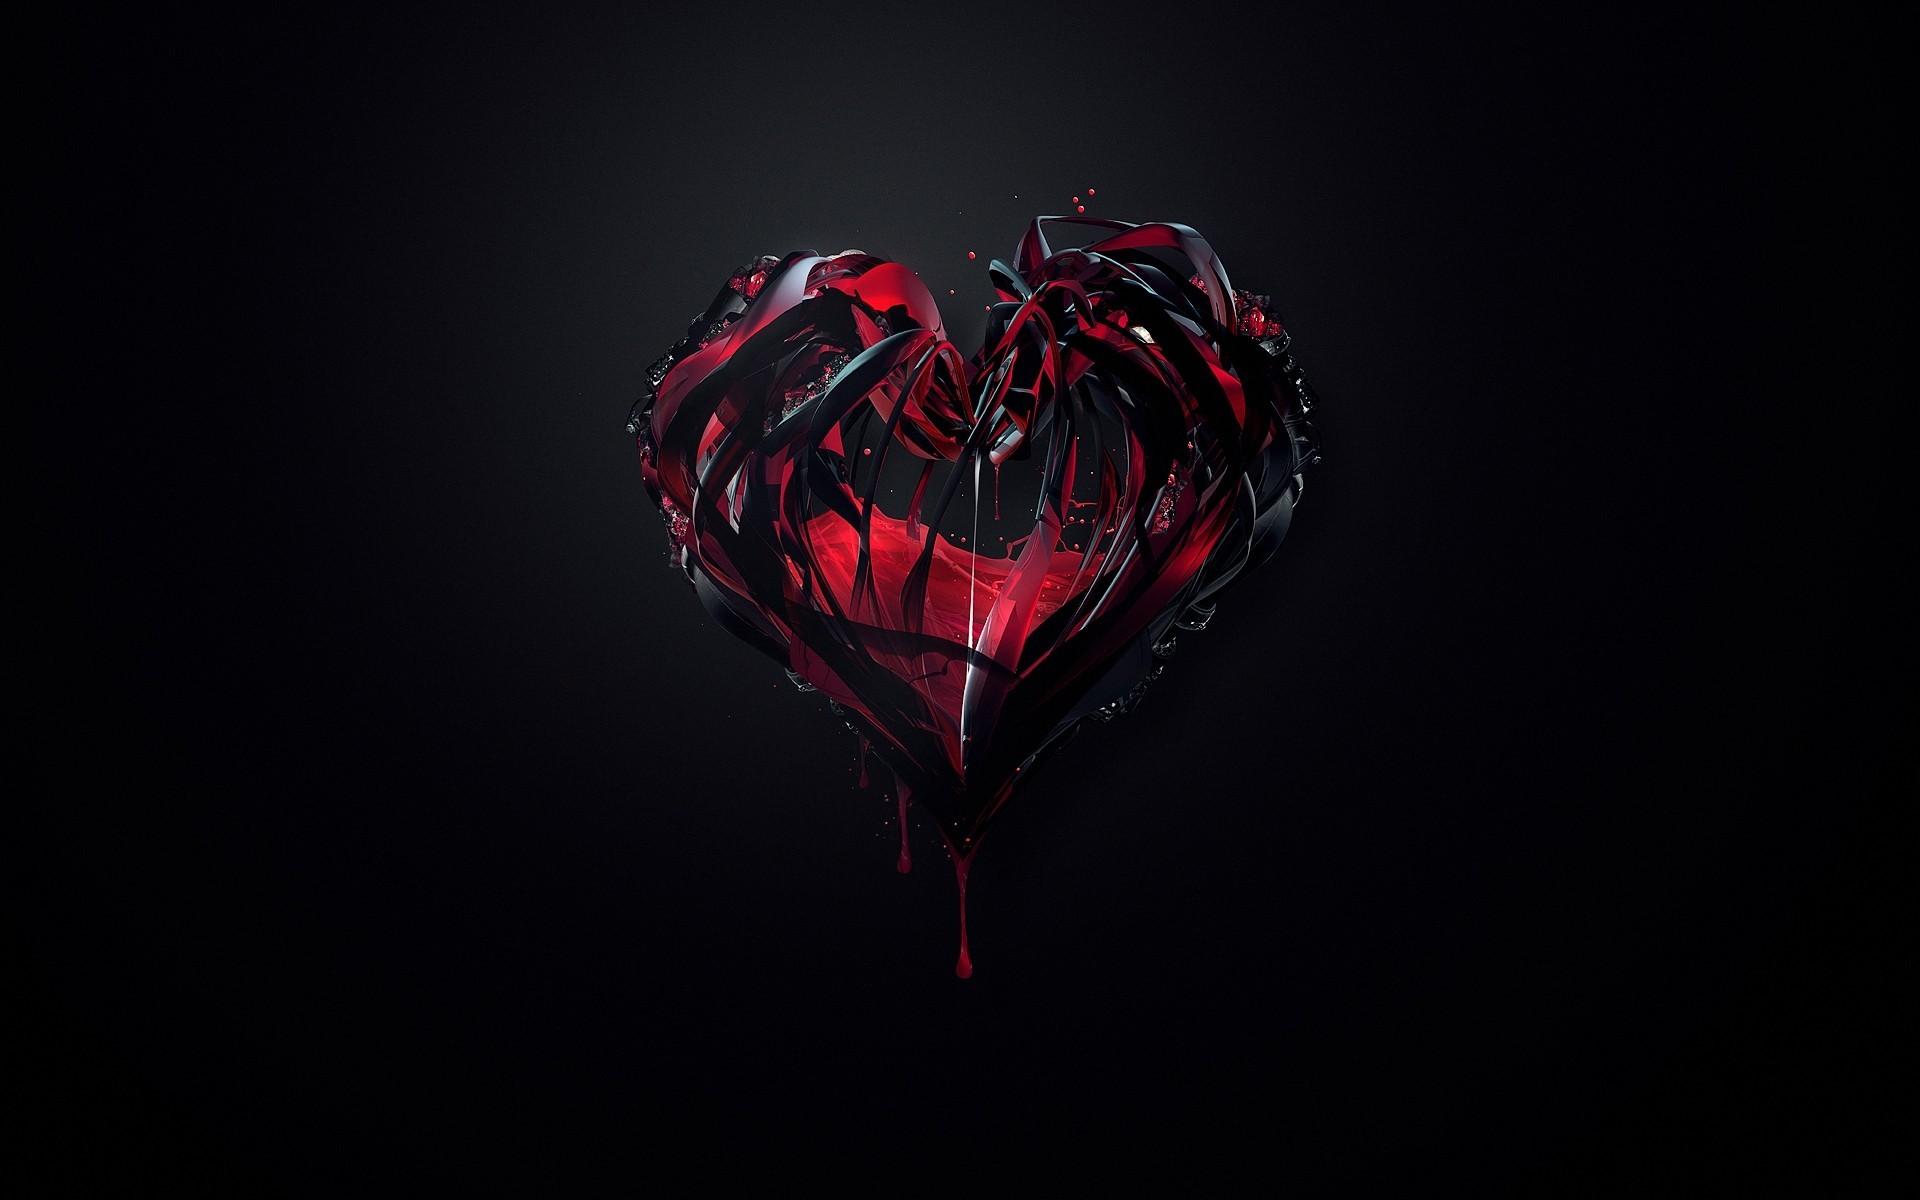 разбитое сердце картинки черно белые обои этим